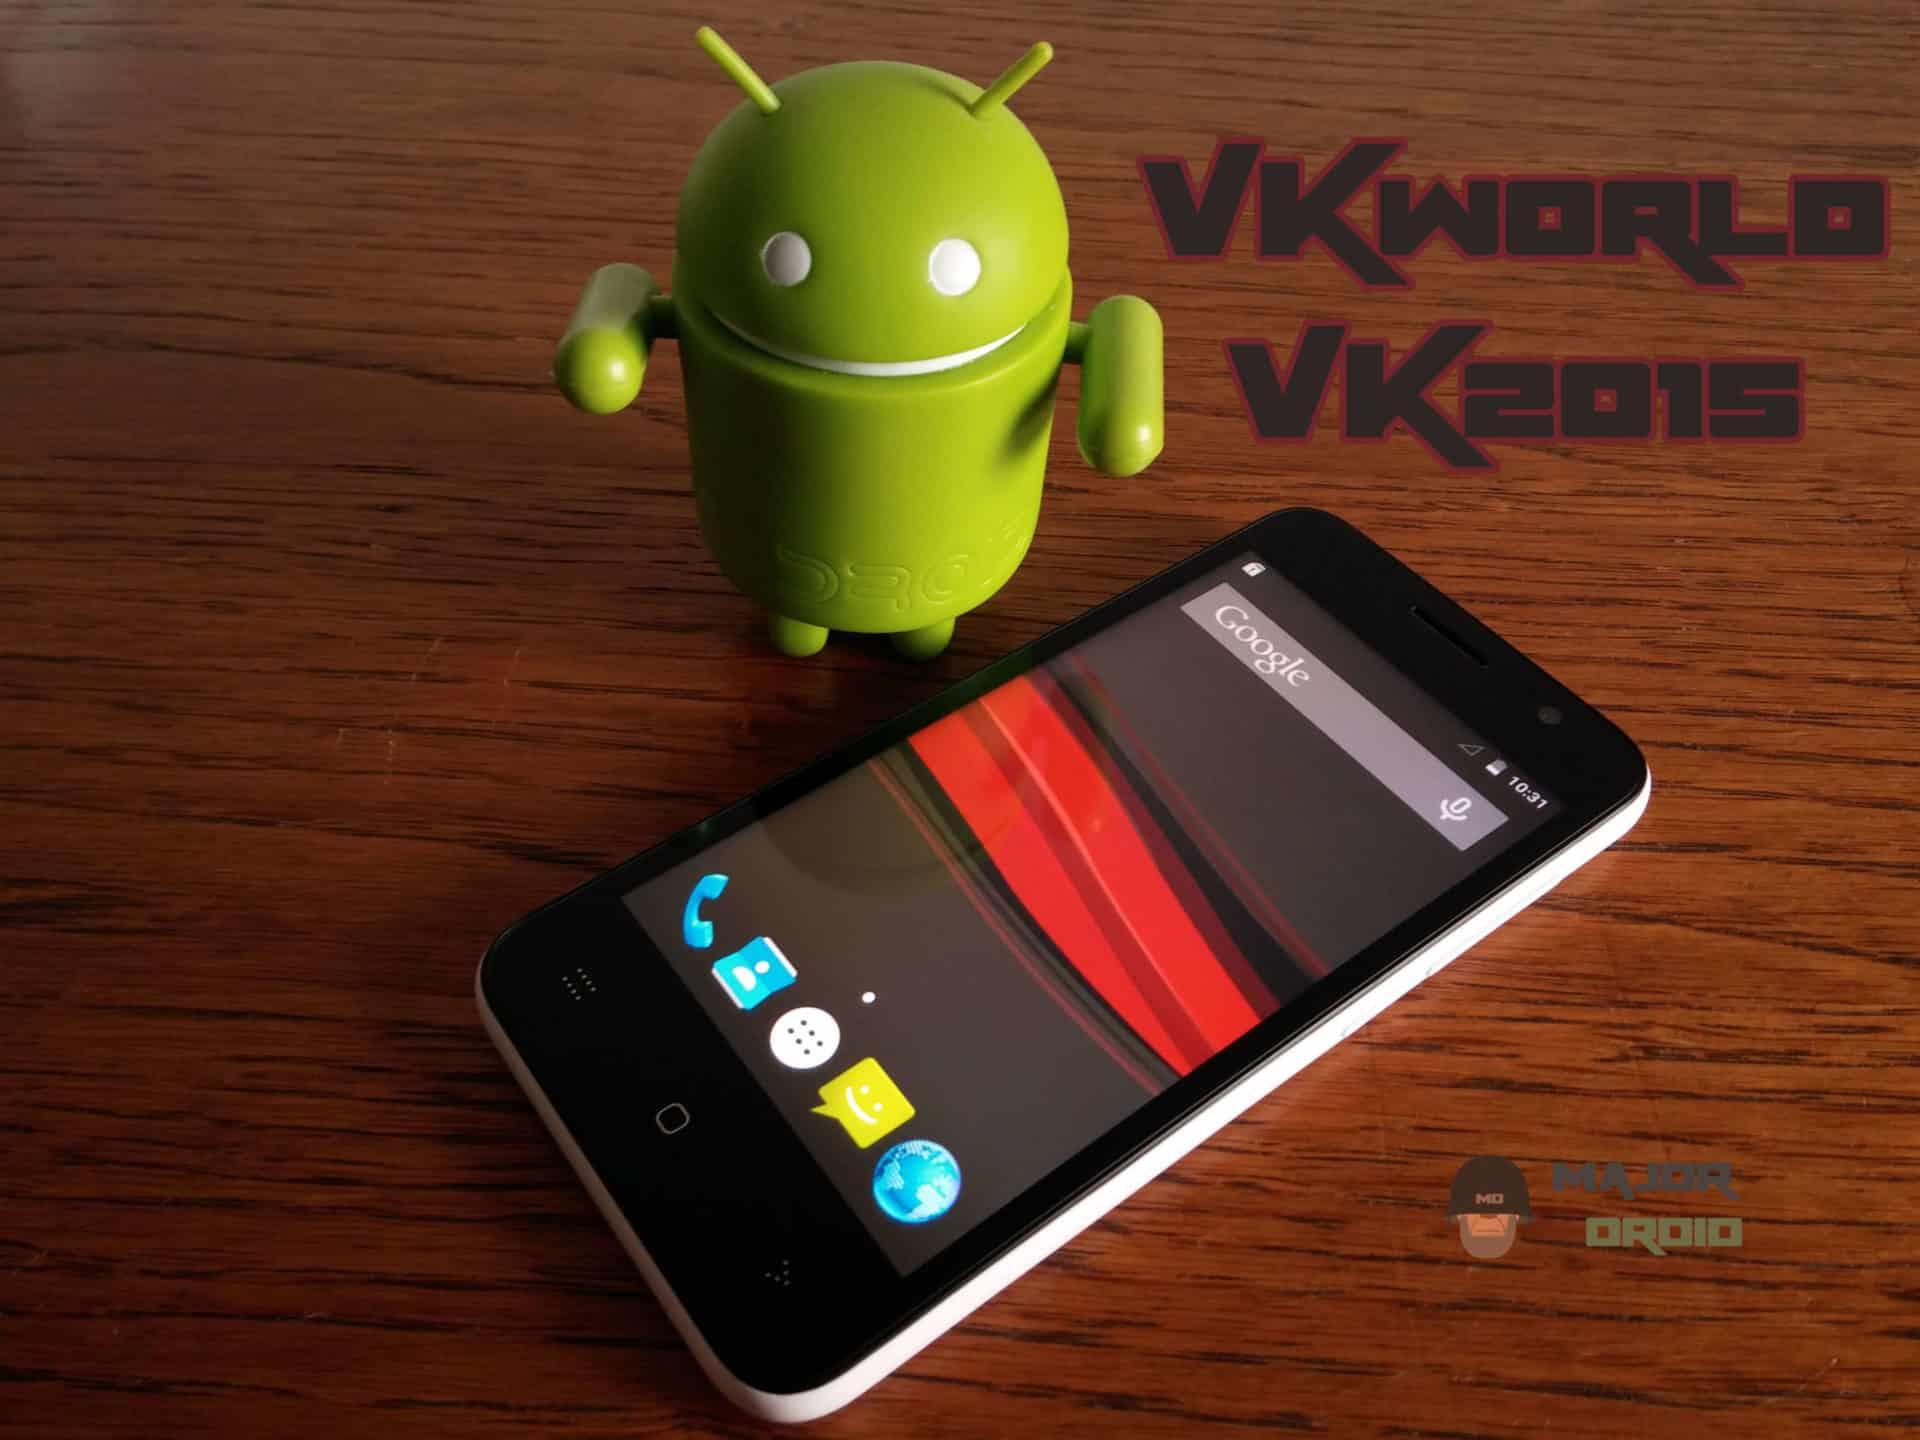 VKworld VK2015 smartphone